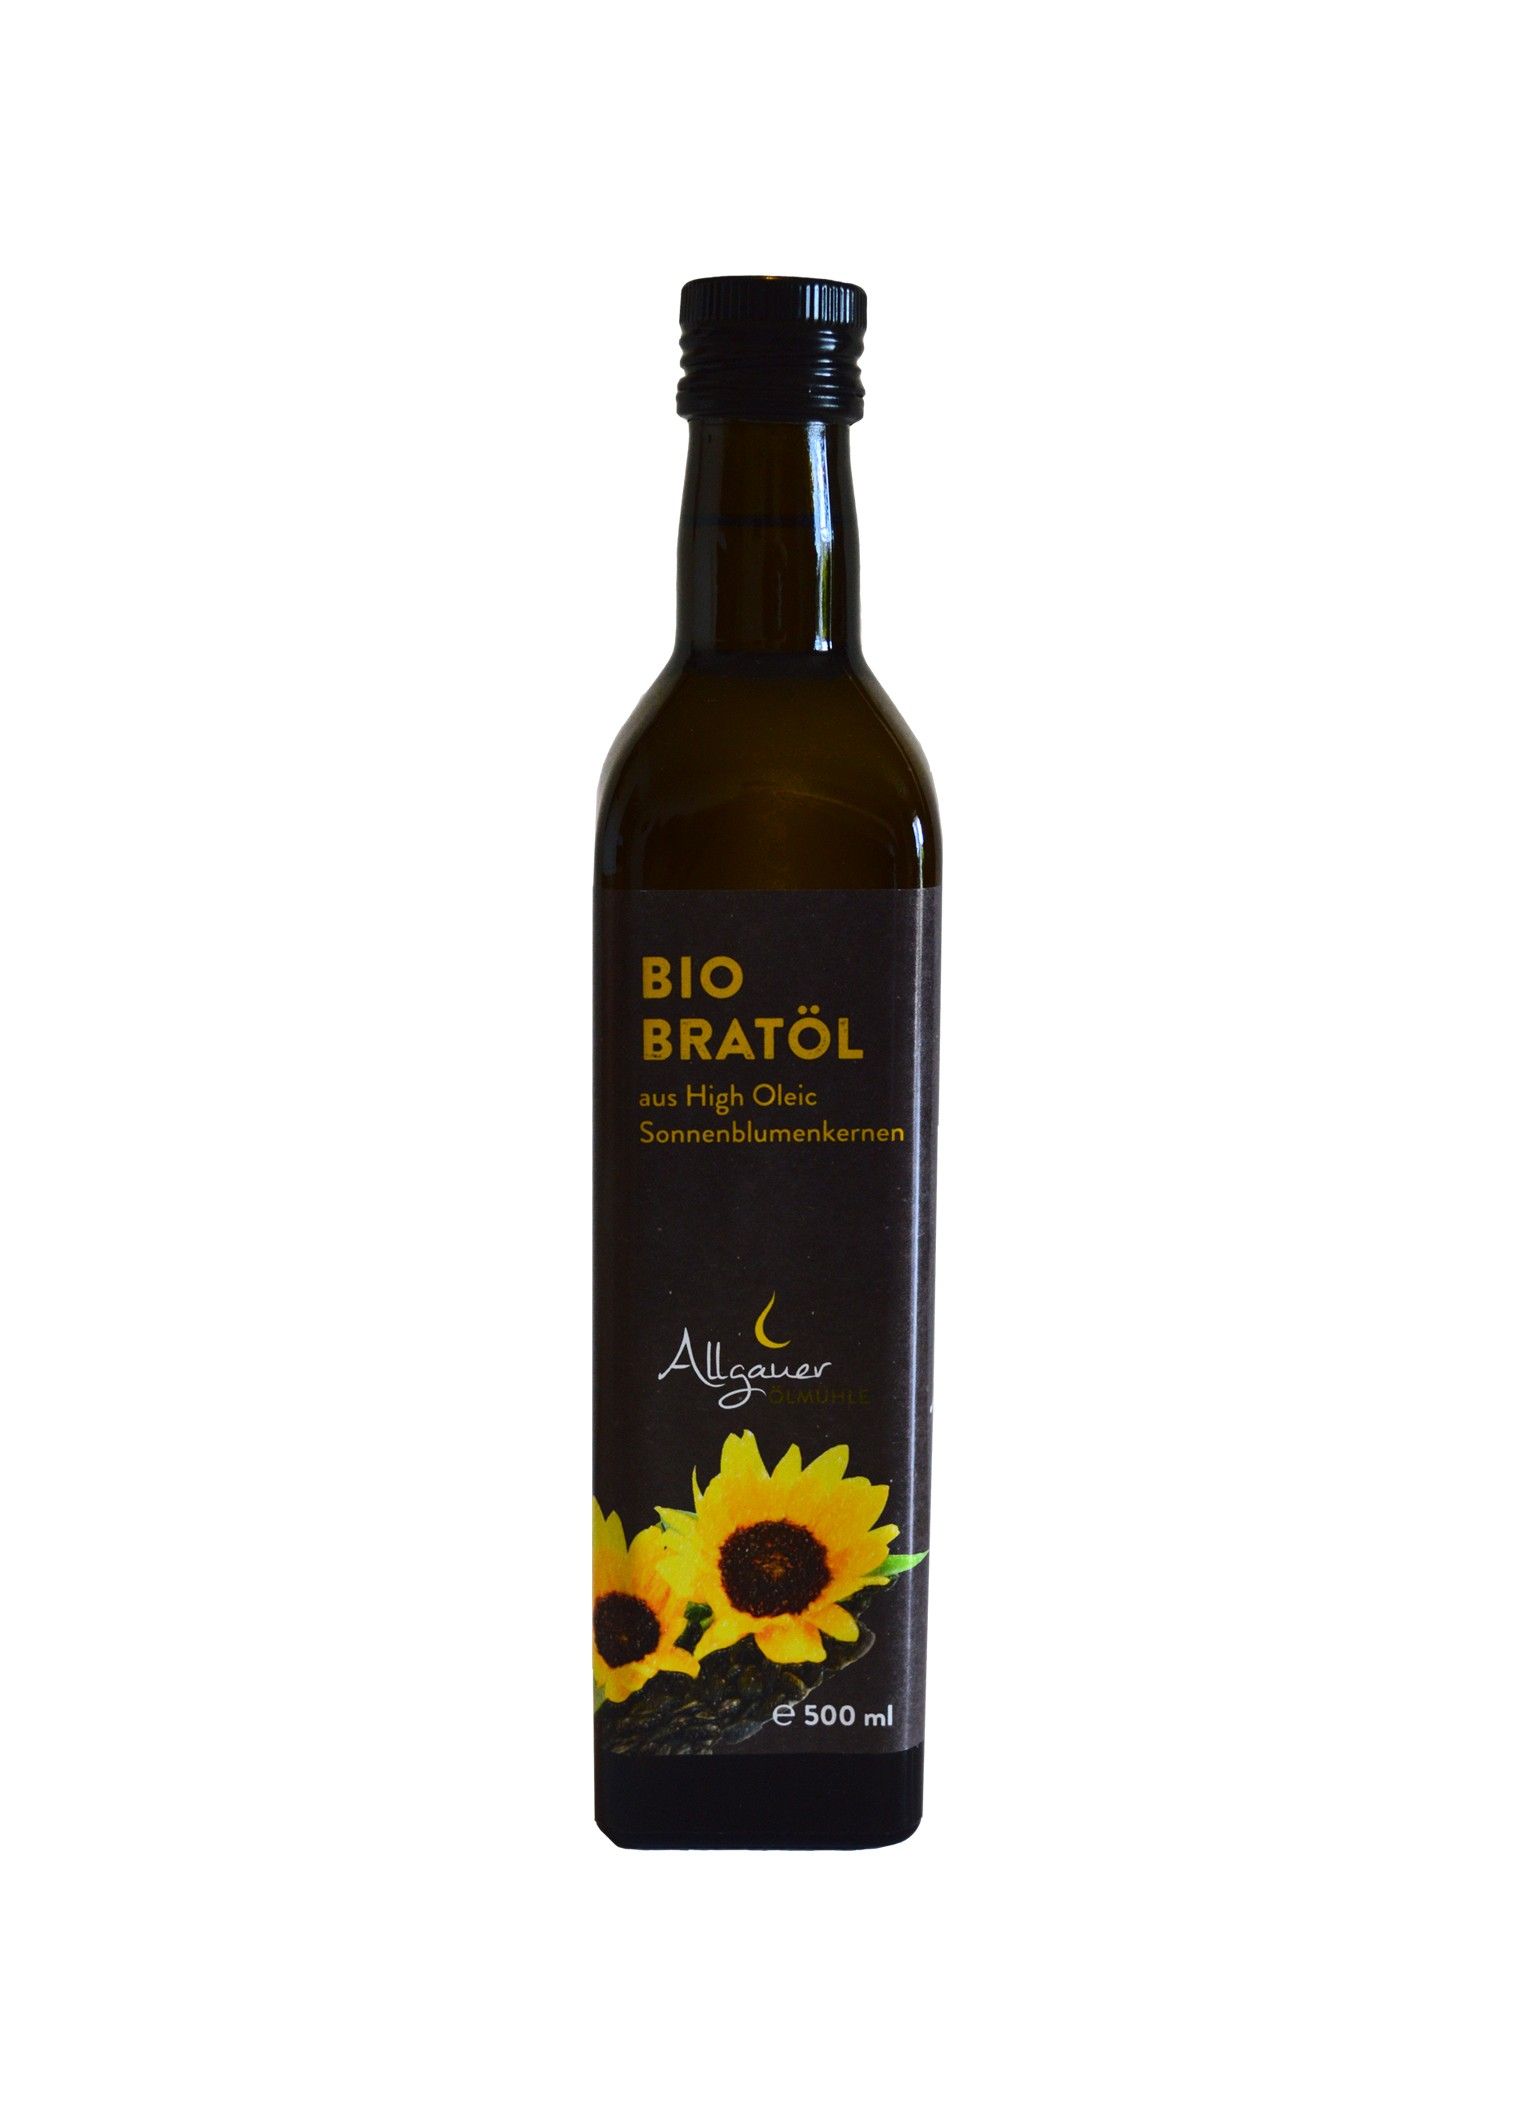 Bratöl-Bio aus Sonnenblumenkernen 500ml aus dem Allgäu